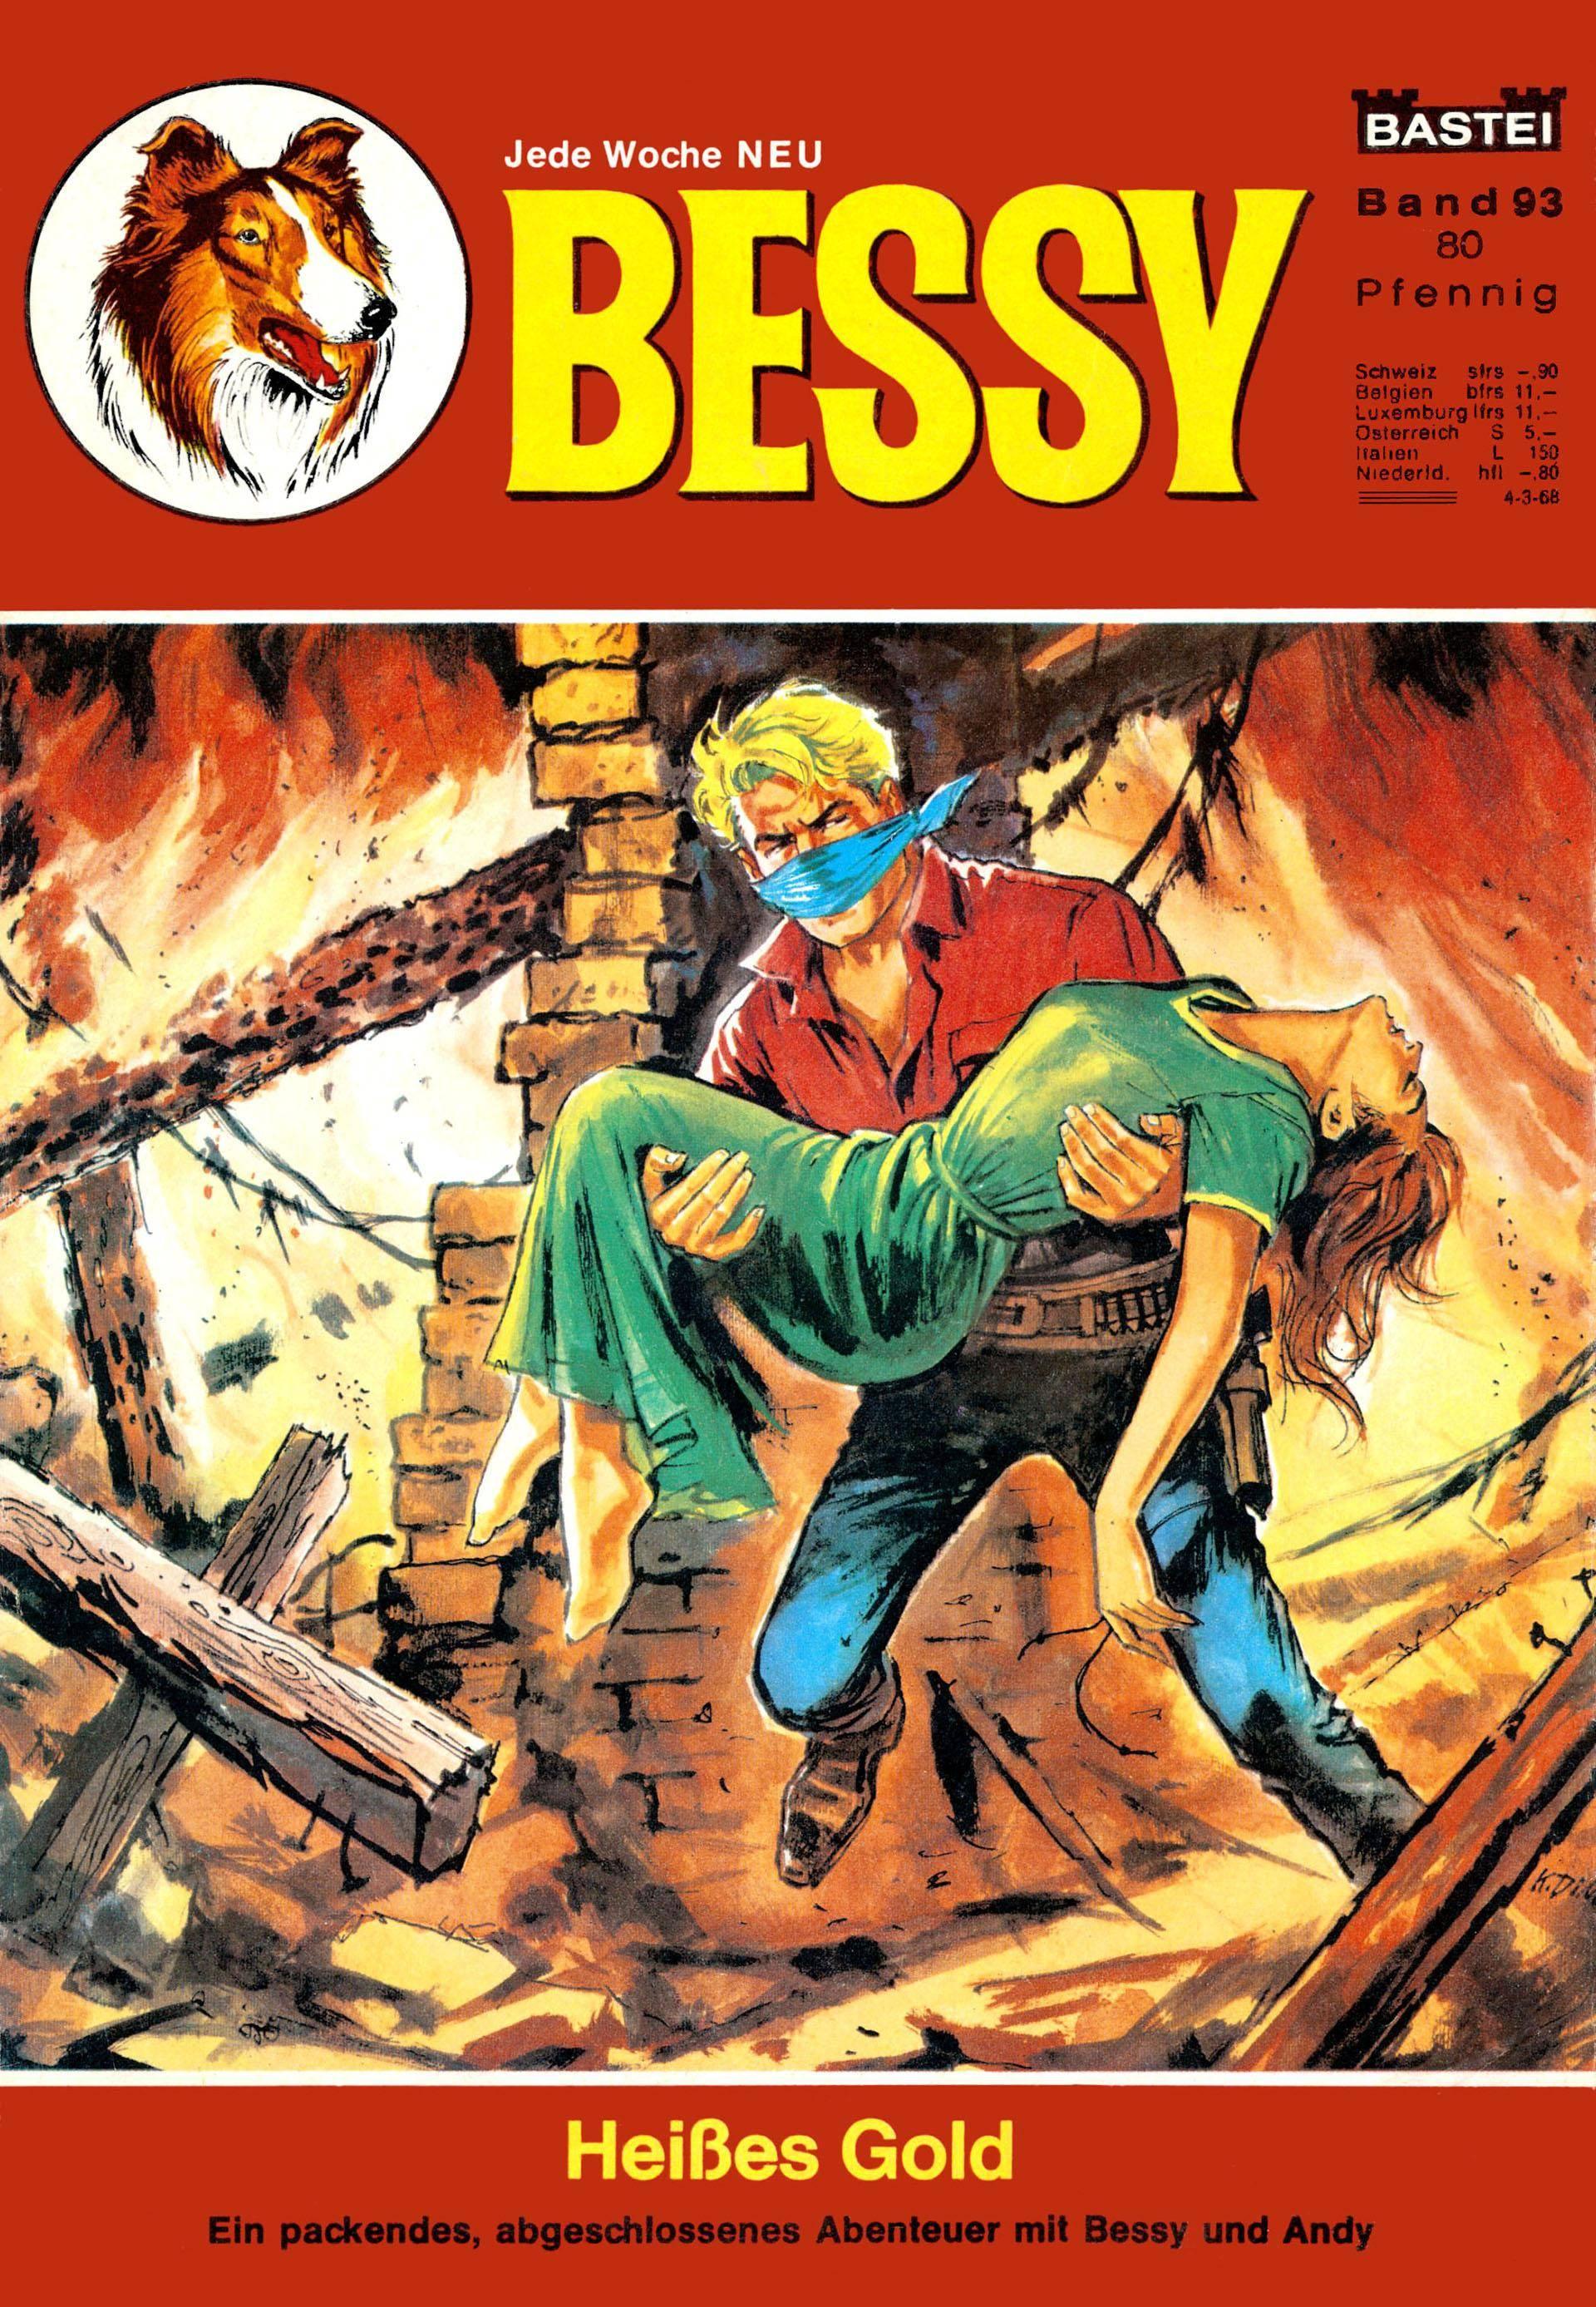 17 COMIC] Bessy 093 Heisses Gold cbr par2 4935 MB usenet space cowboys online